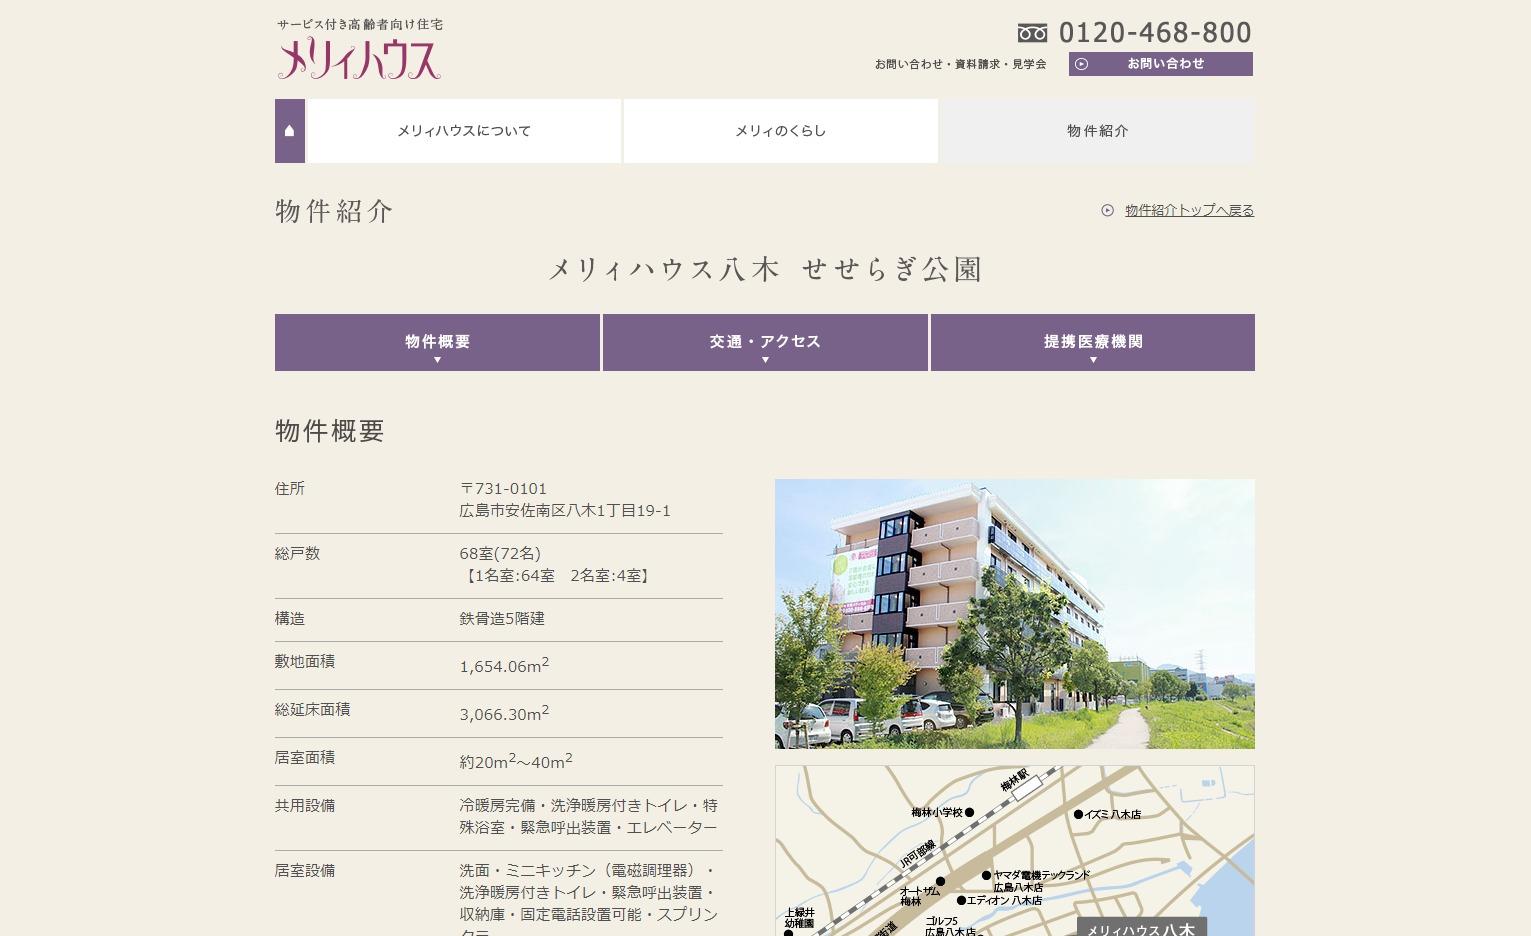 老人ホーム 広島 ランキング-メリィハウス八木せせらぎ公園